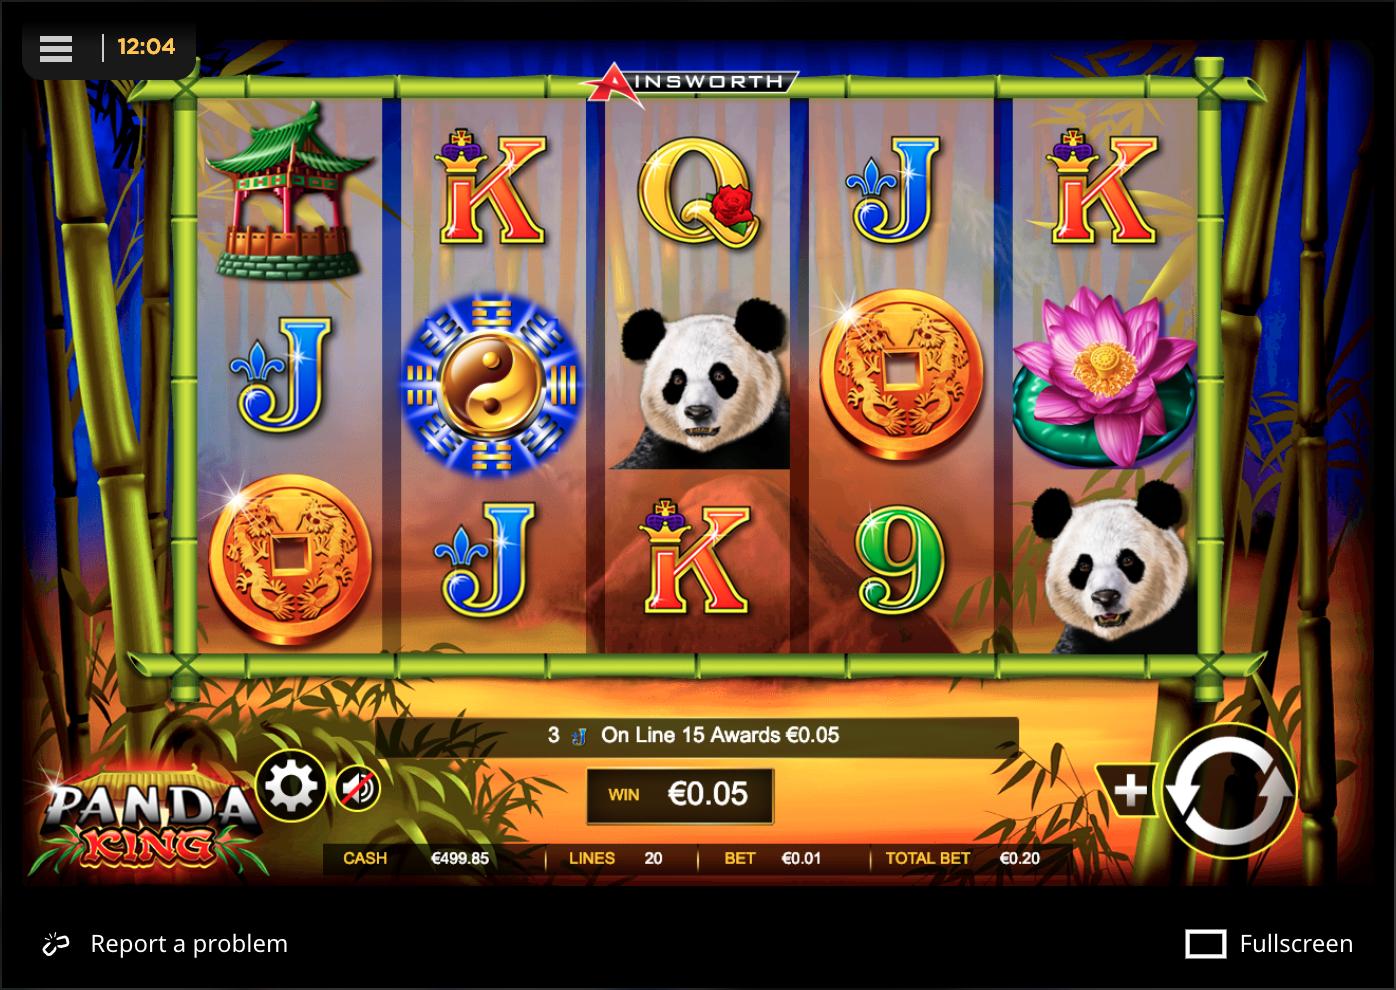 Panda King clear visuals